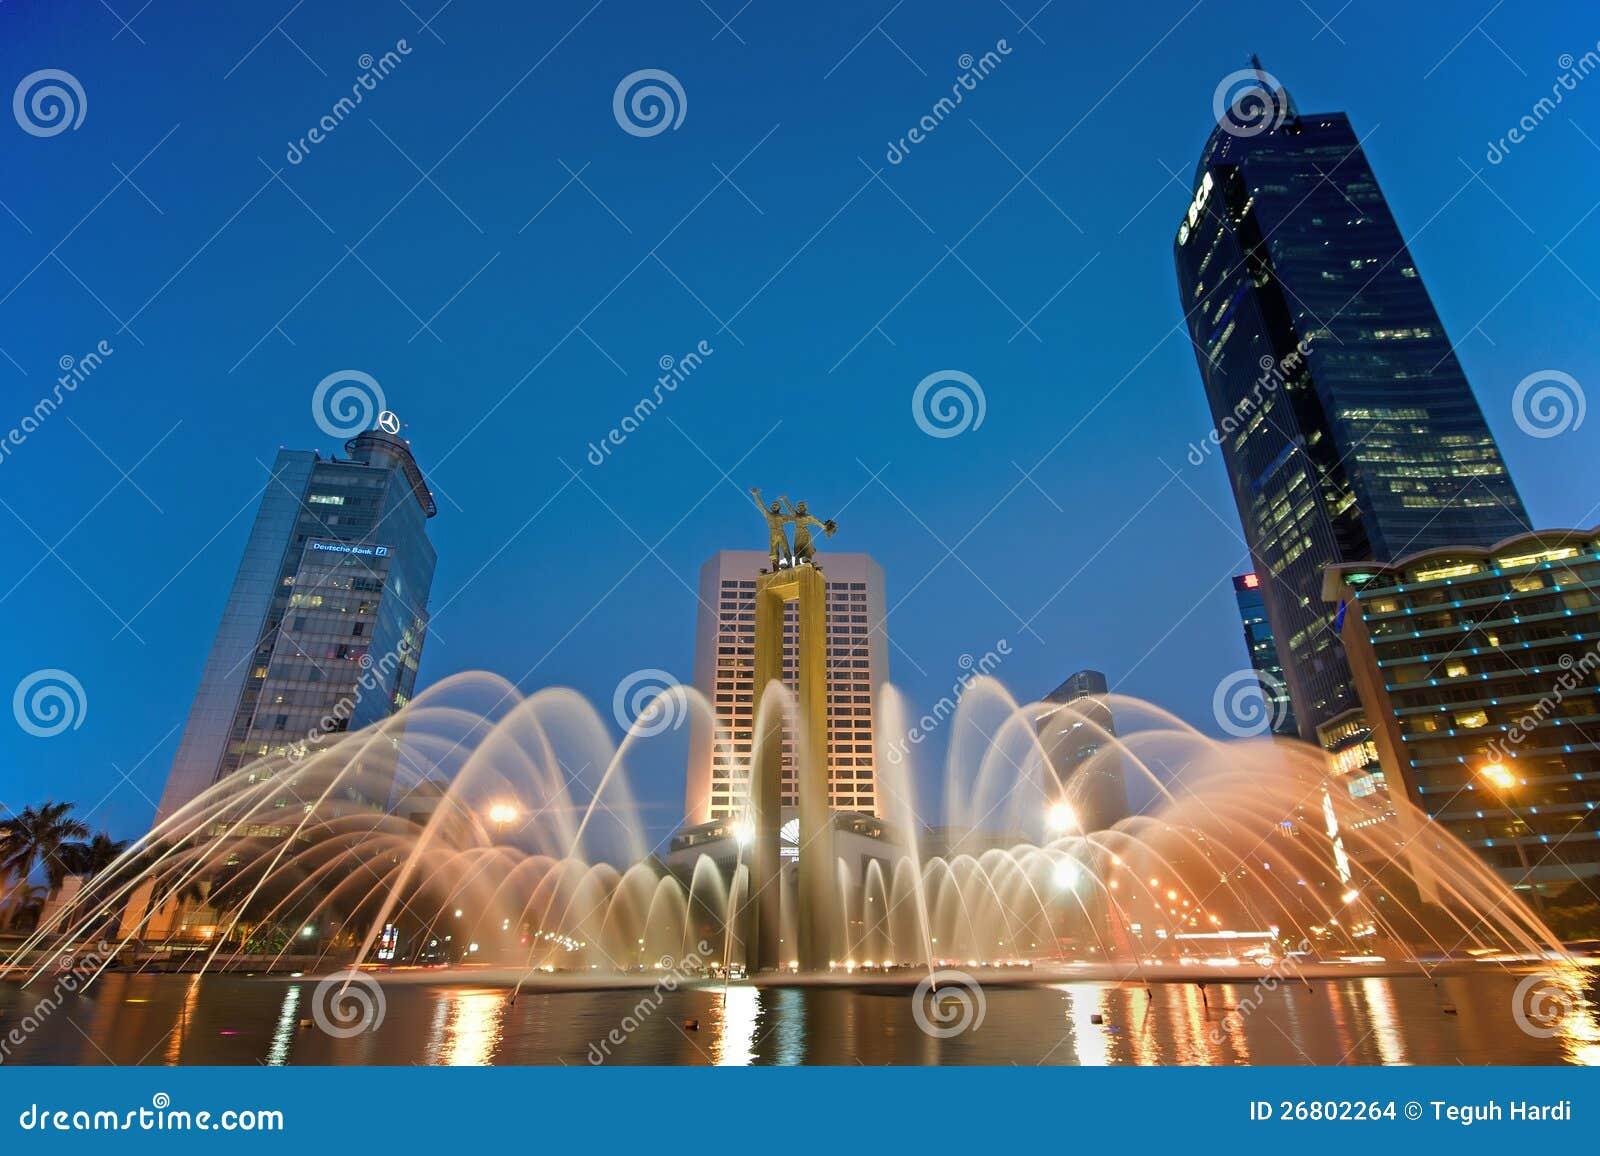 Djakarta bij nacht